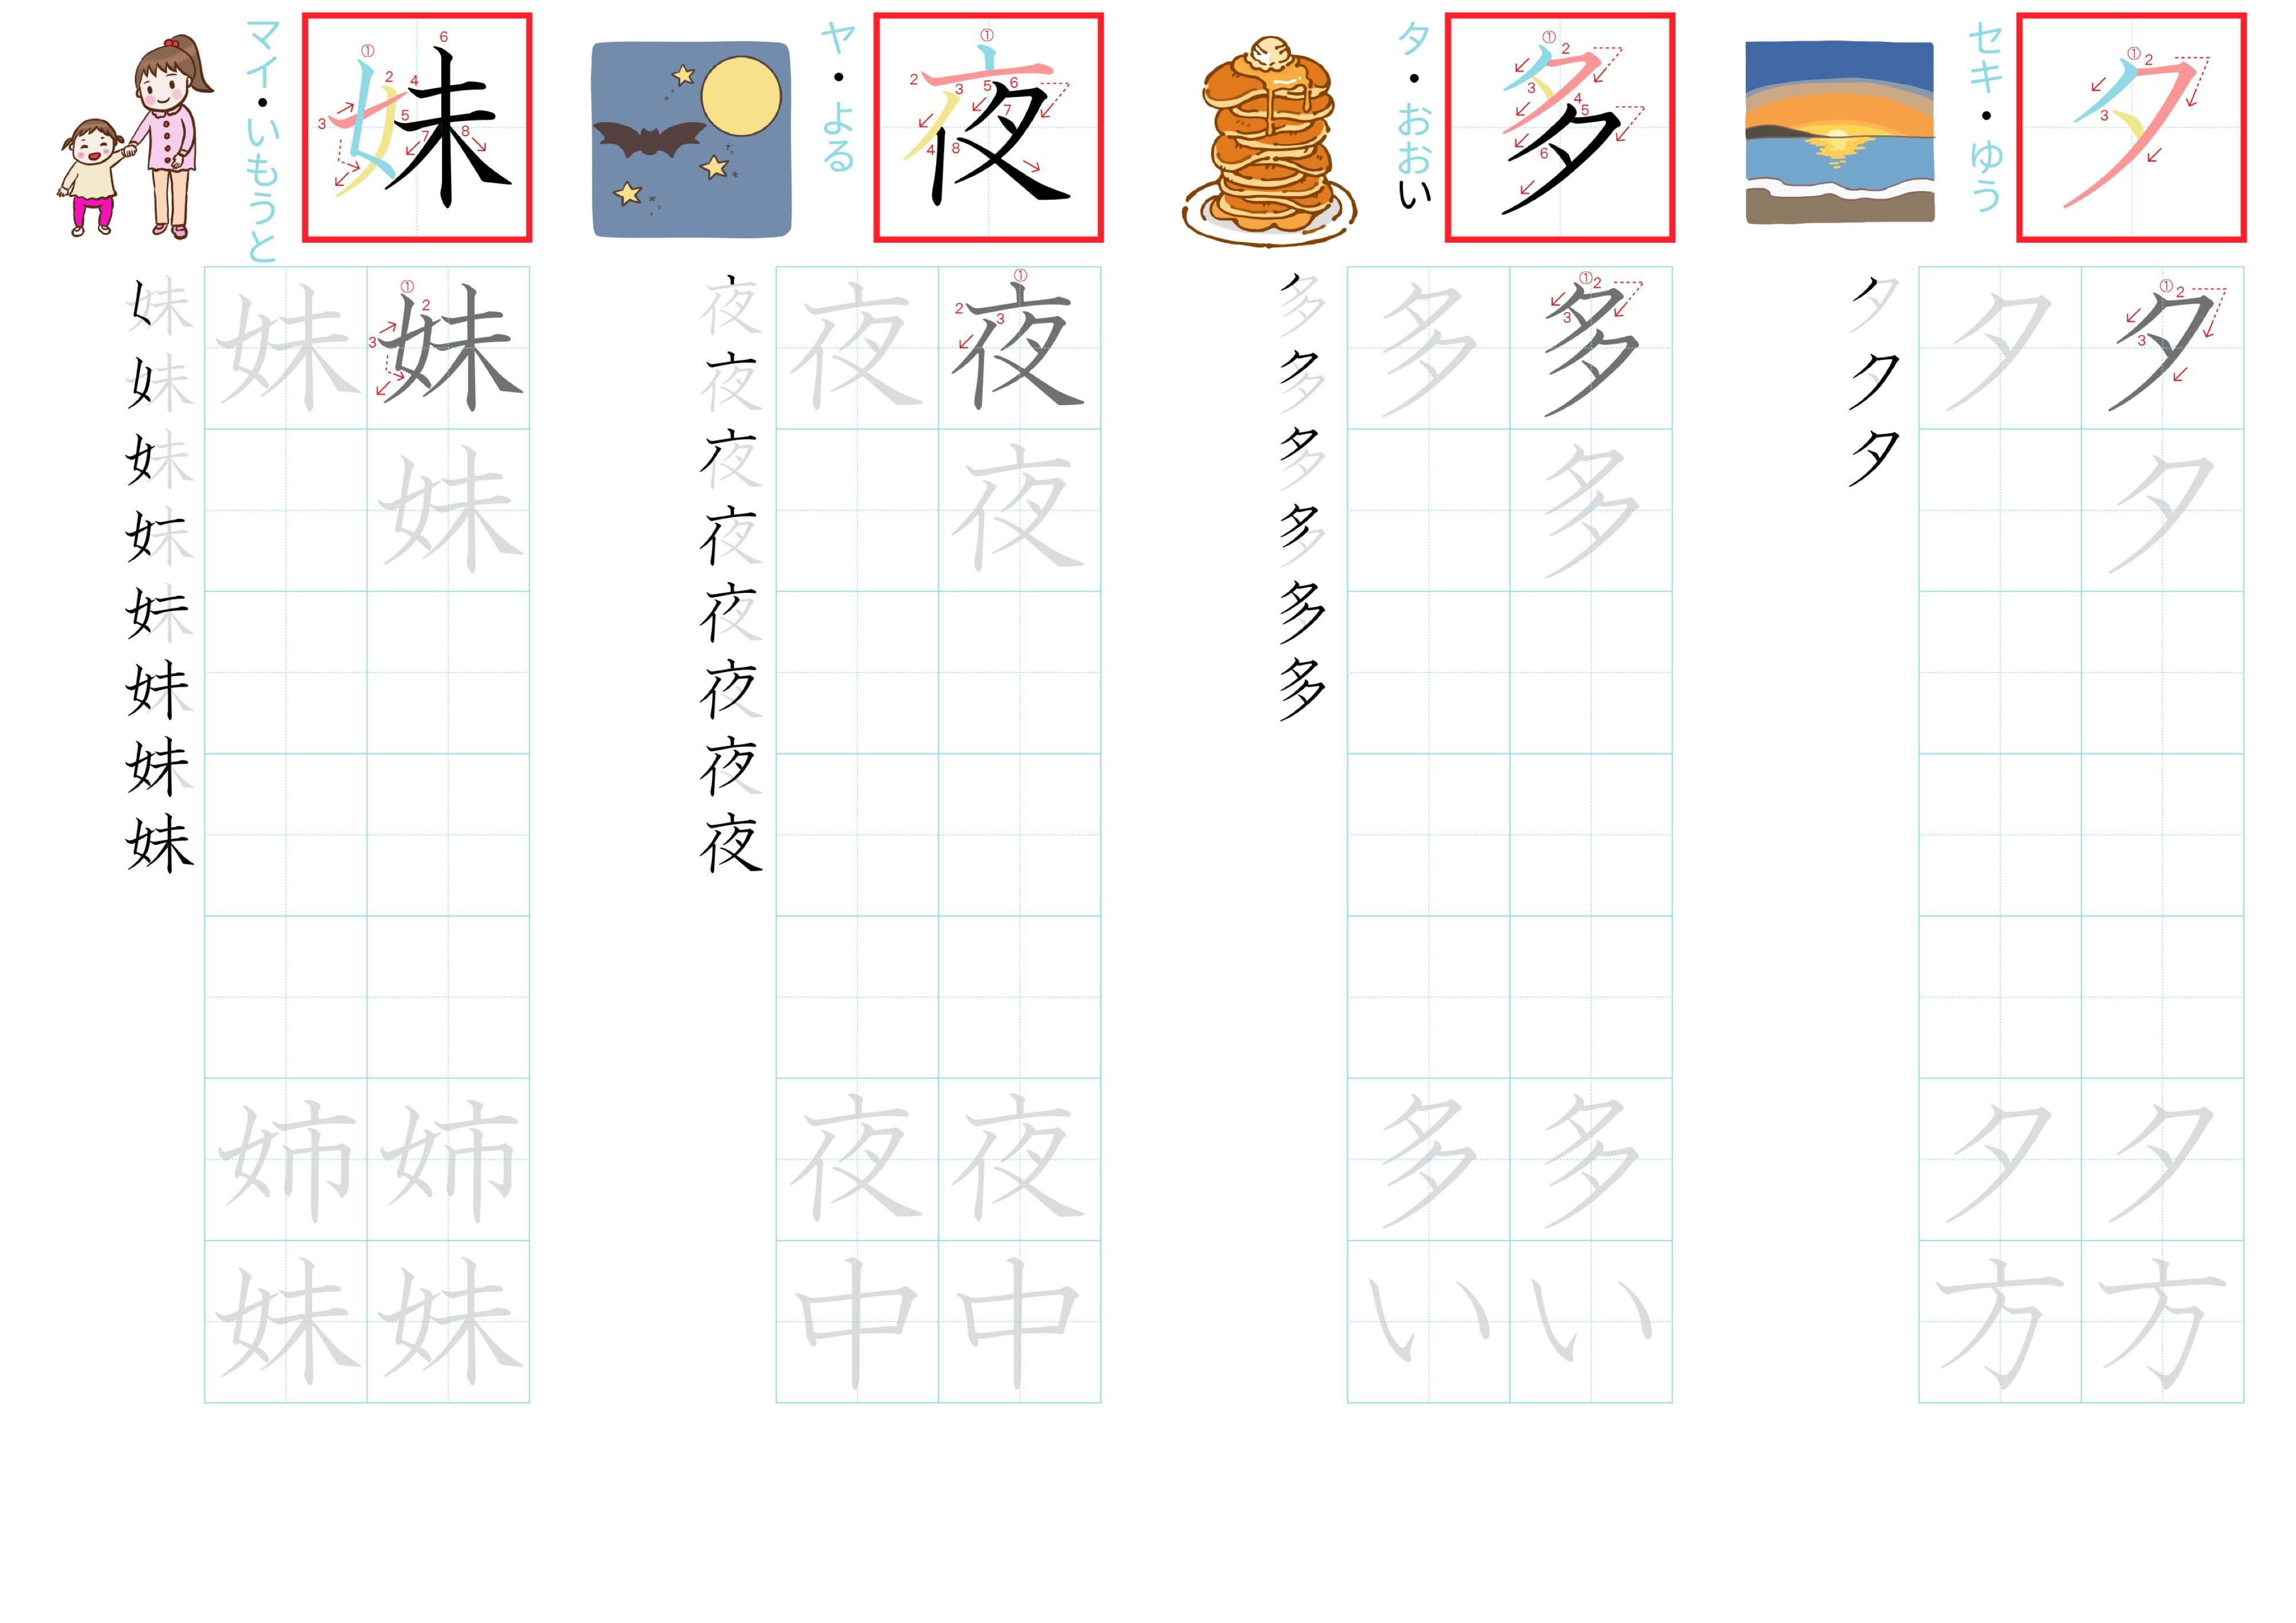 kanji-practice-card-n4-japanese-031